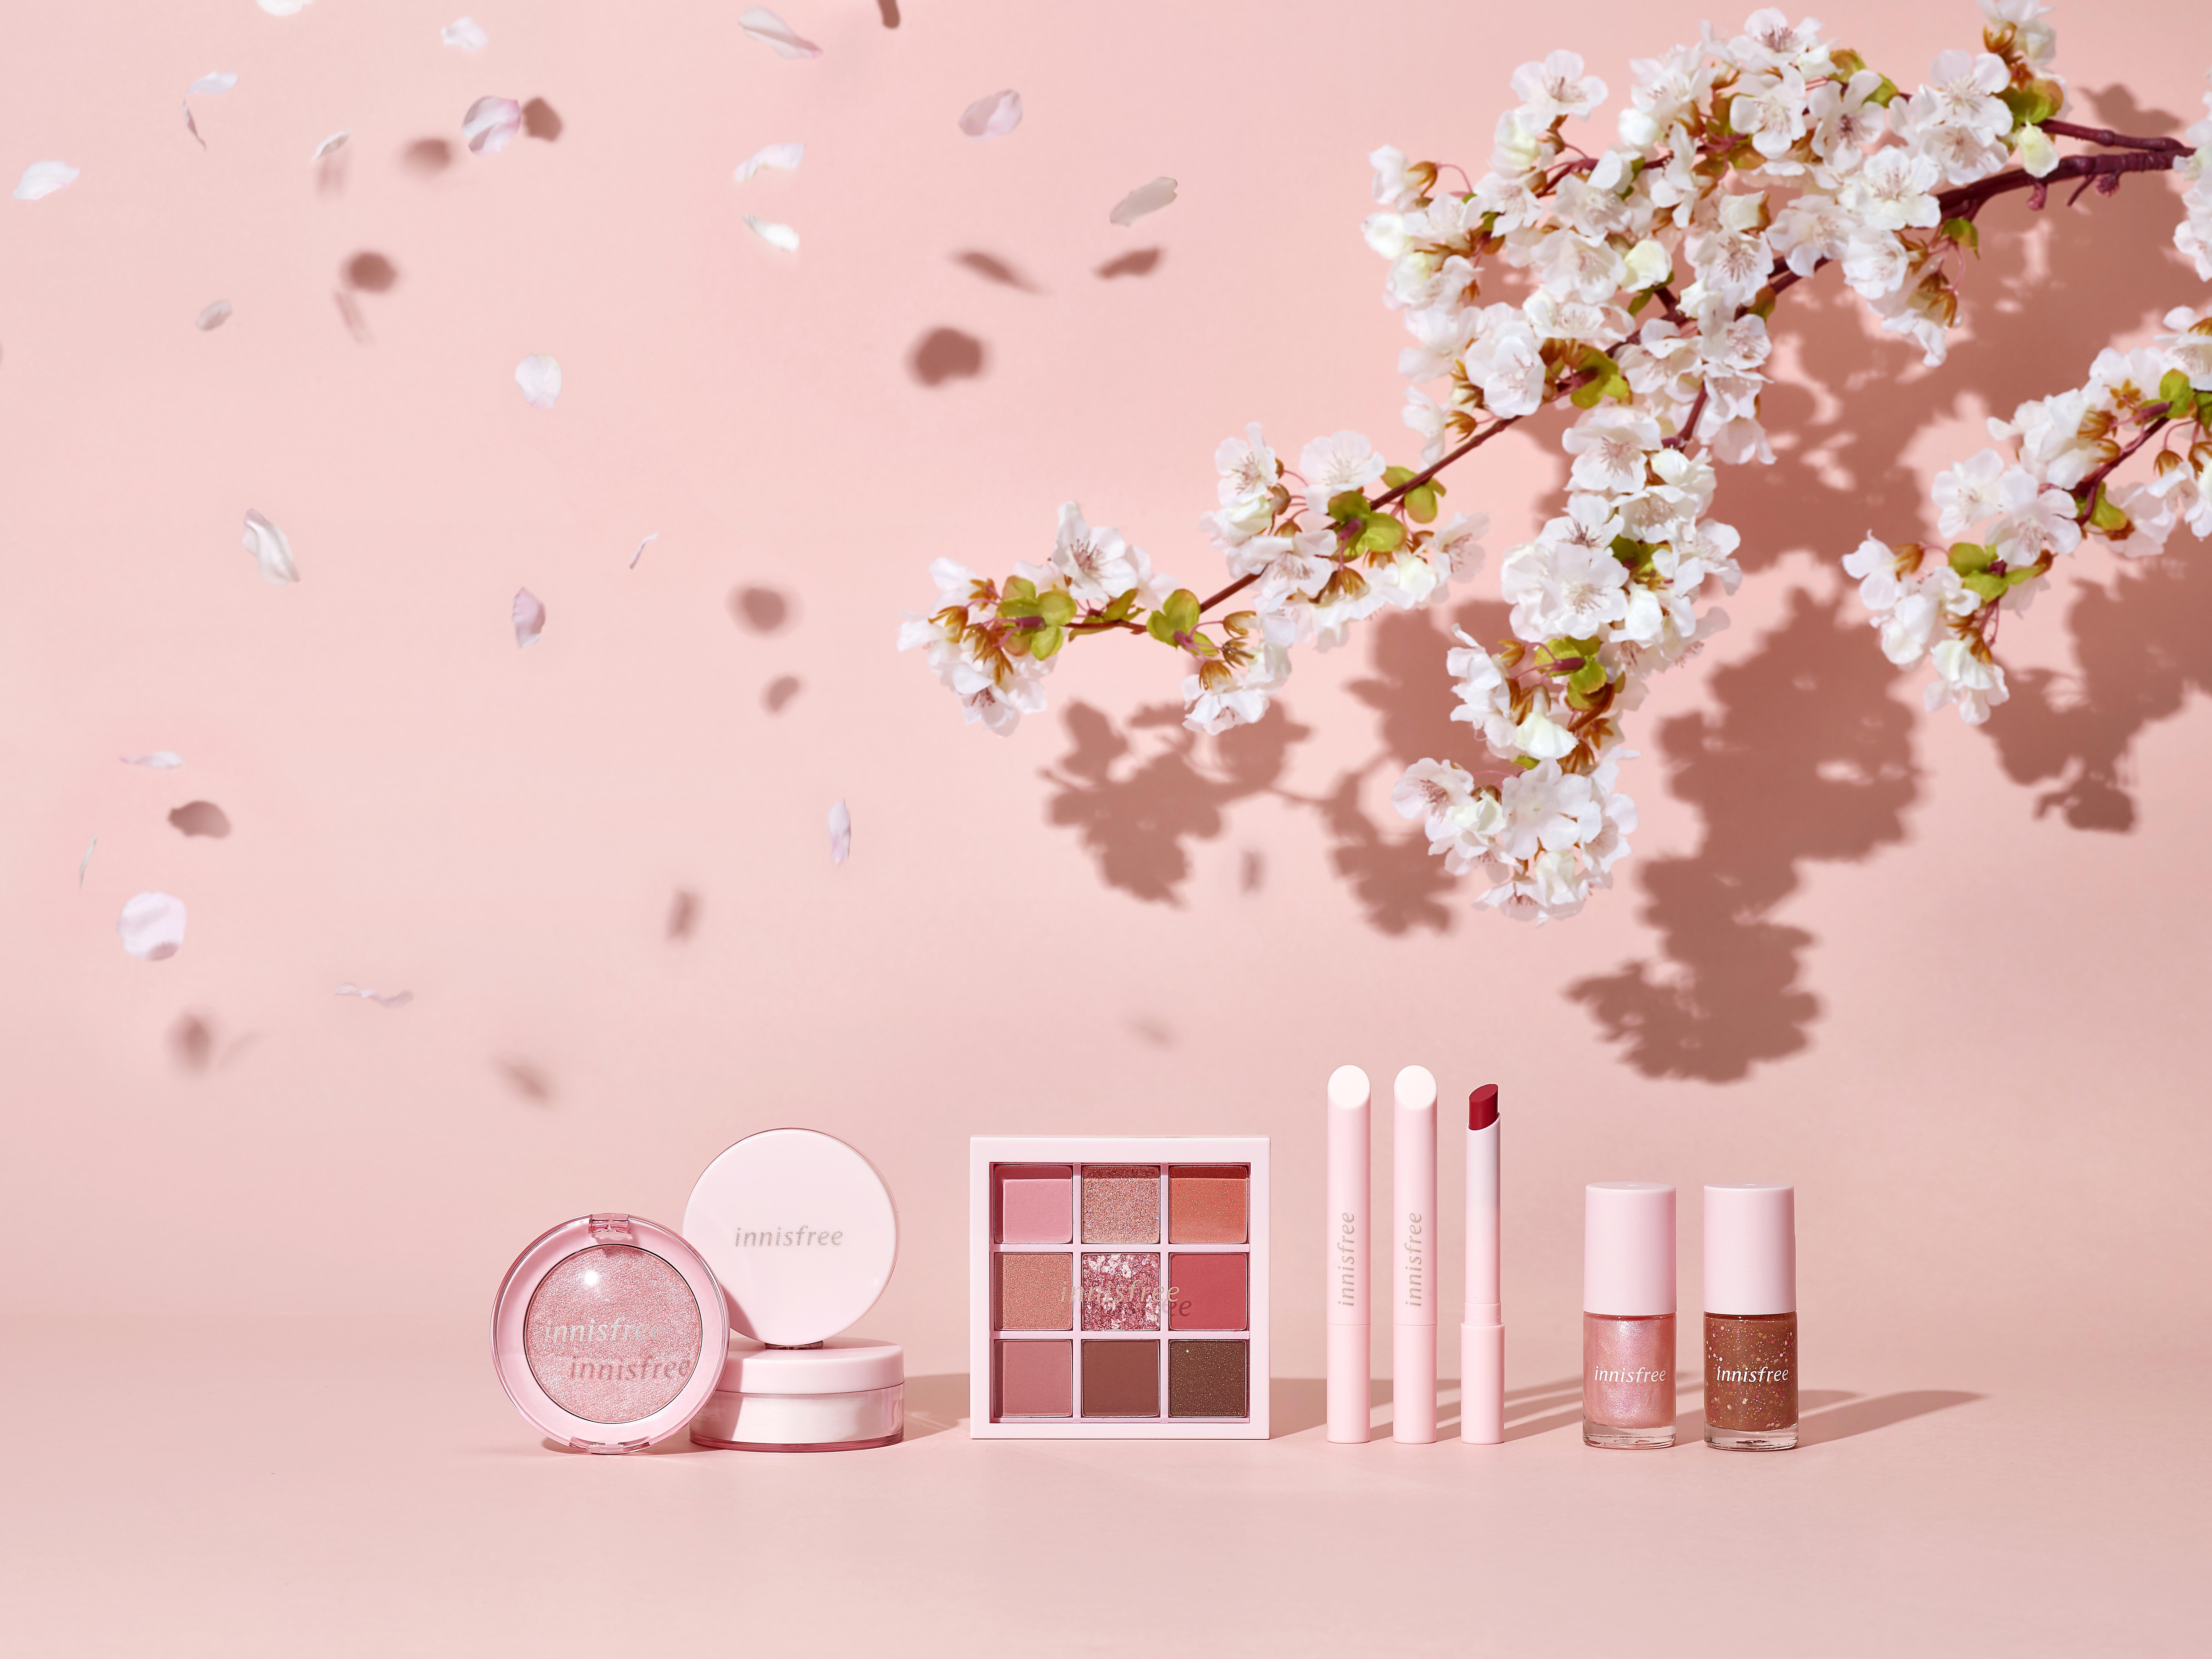 絕美的櫻花系列,讓人忍不住通通想包回家!